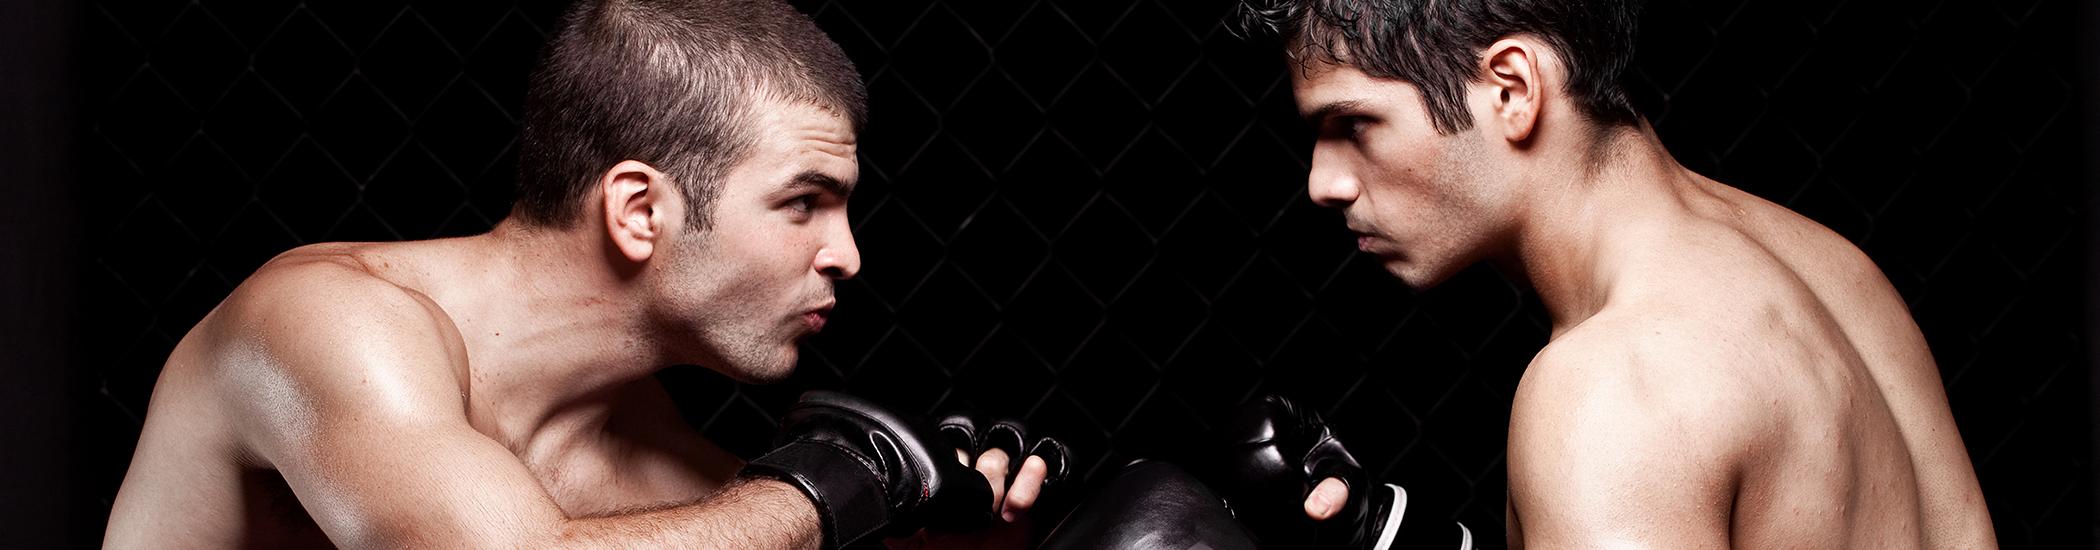 Dé blog voor vecht- en budosporters